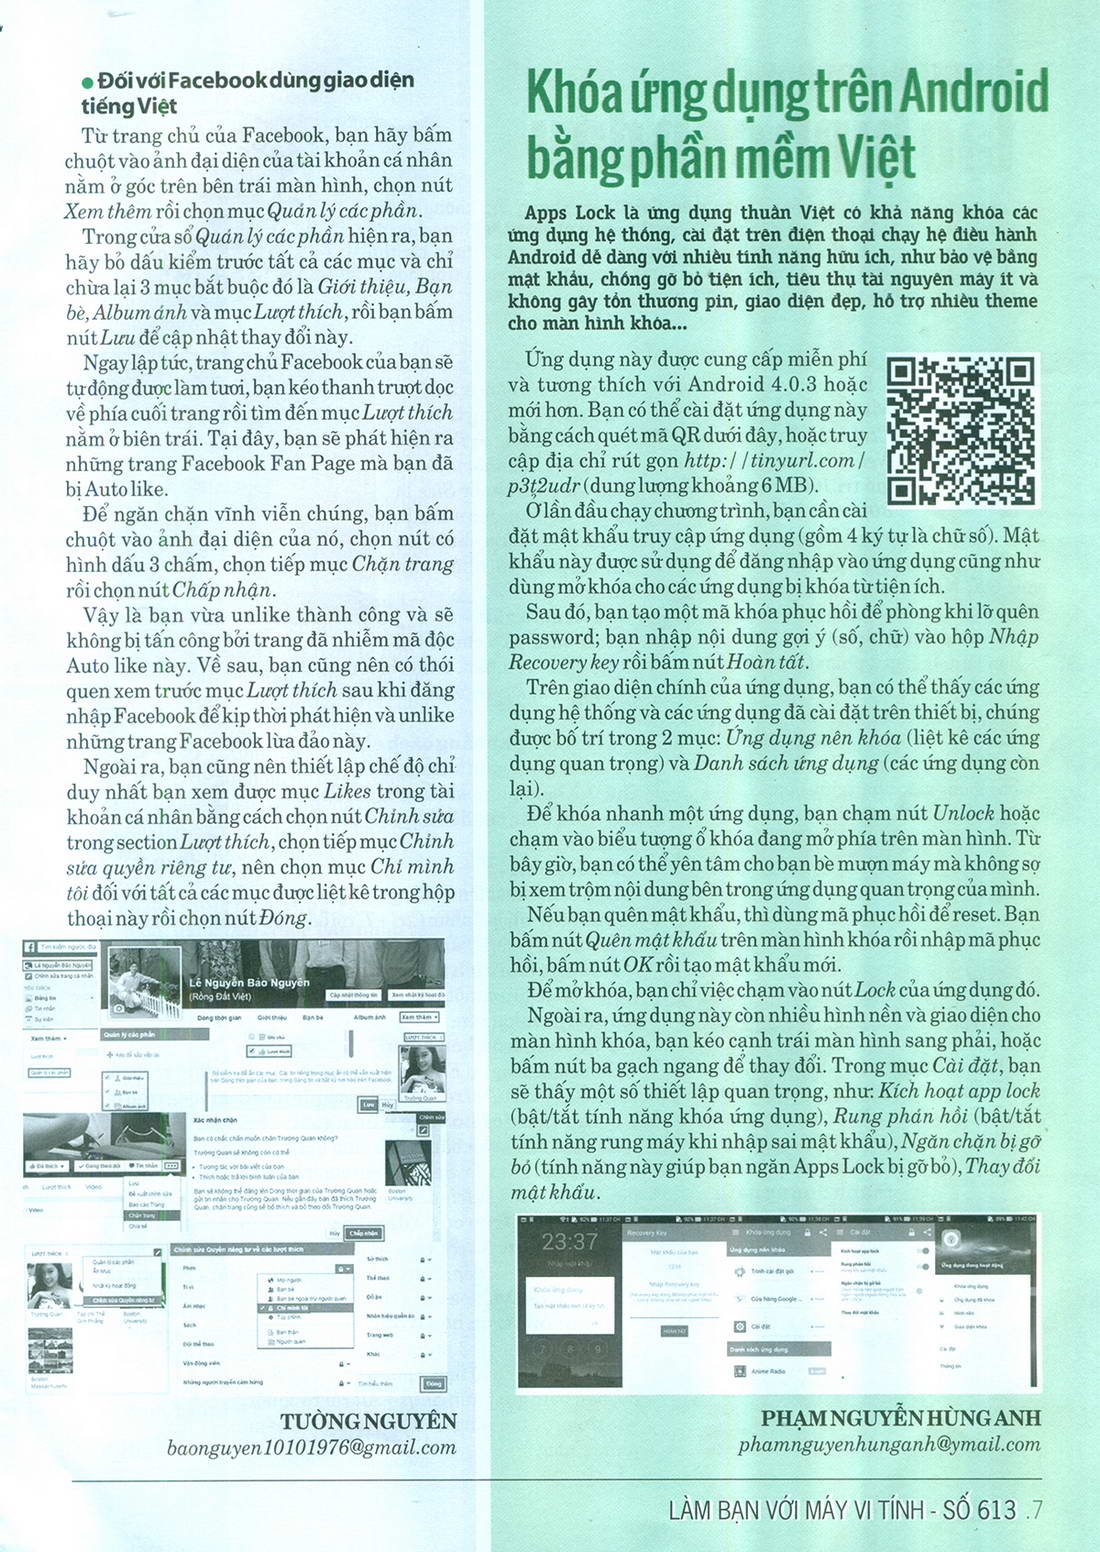 Lam ban vo may vi tinh 613 - tapchicntt.com